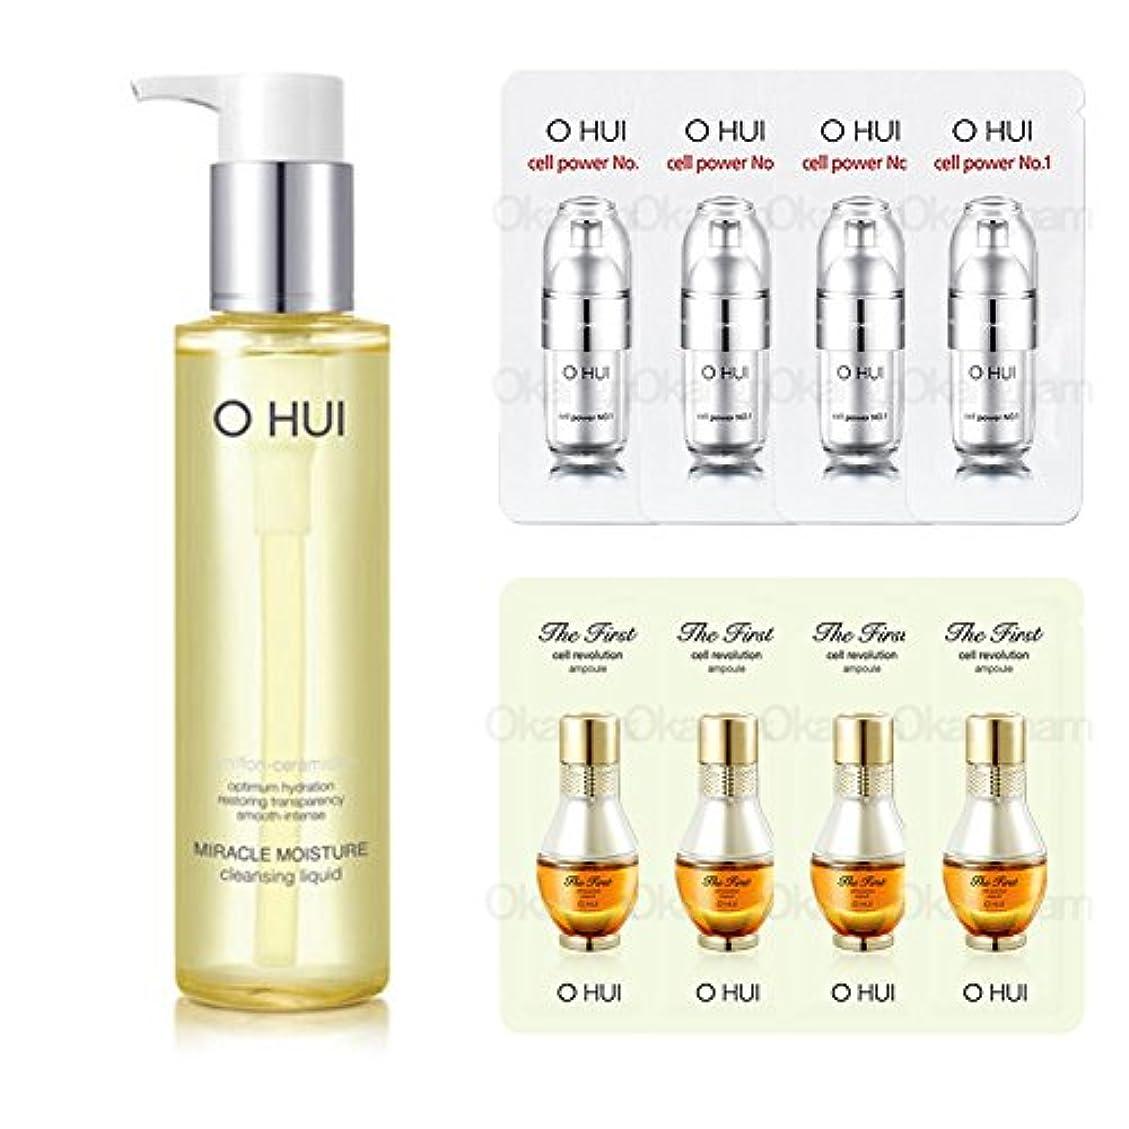 検査官第九鉛オフィ/ O HUI LG生活健康/OHUI Cleansing Oilミラクルモイスチャークレンジングリキッド150ml+ Sample Gift (海外直送品)